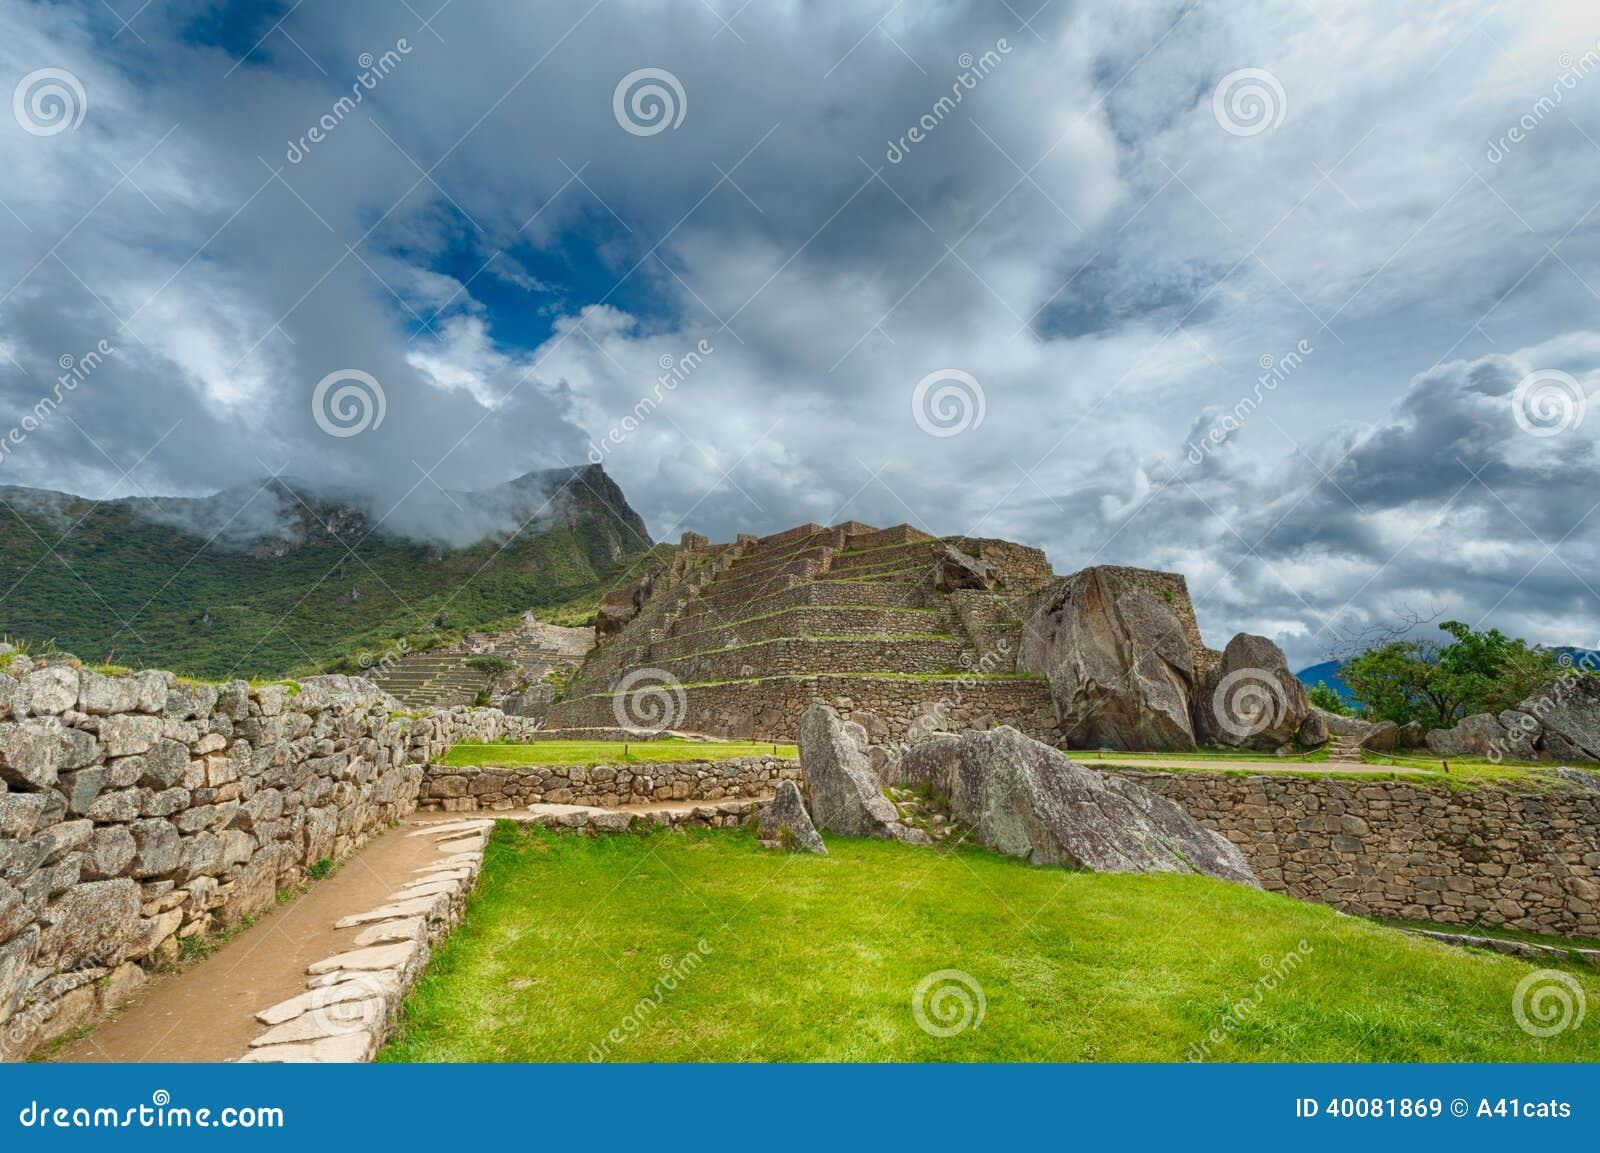 Machu Picchu details